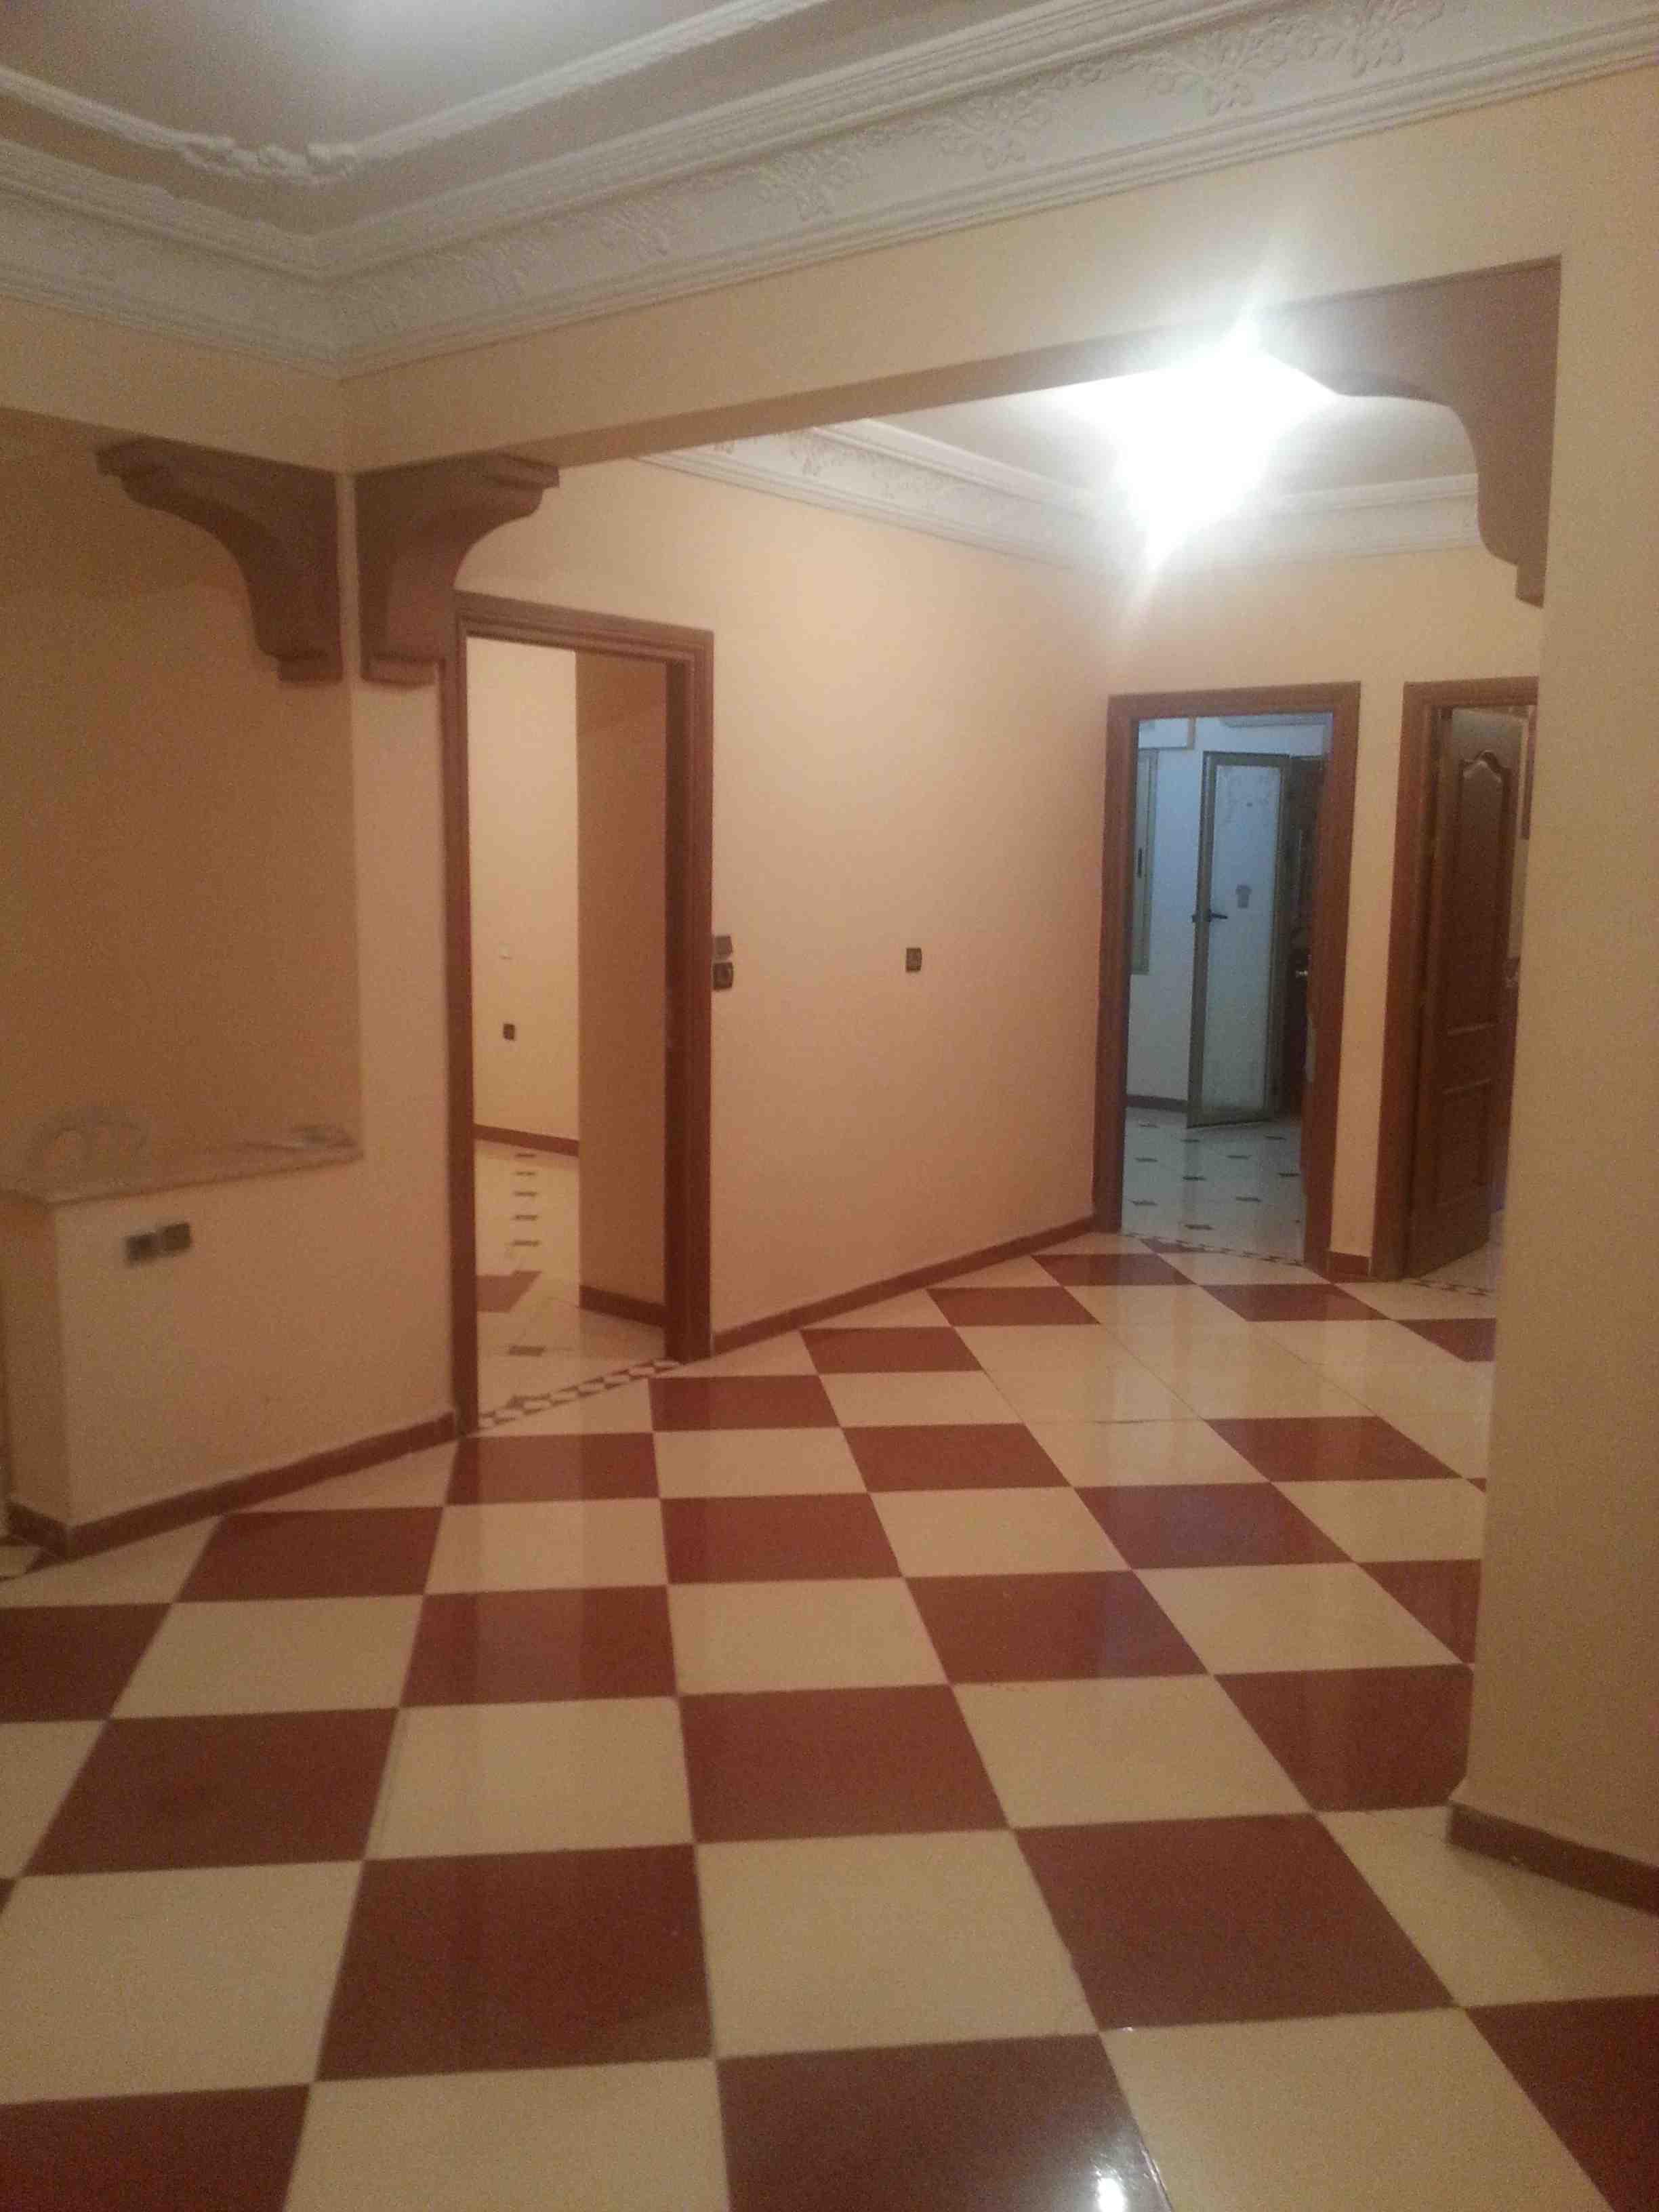 Location Appartement Longue Dur E Maroc Particulier